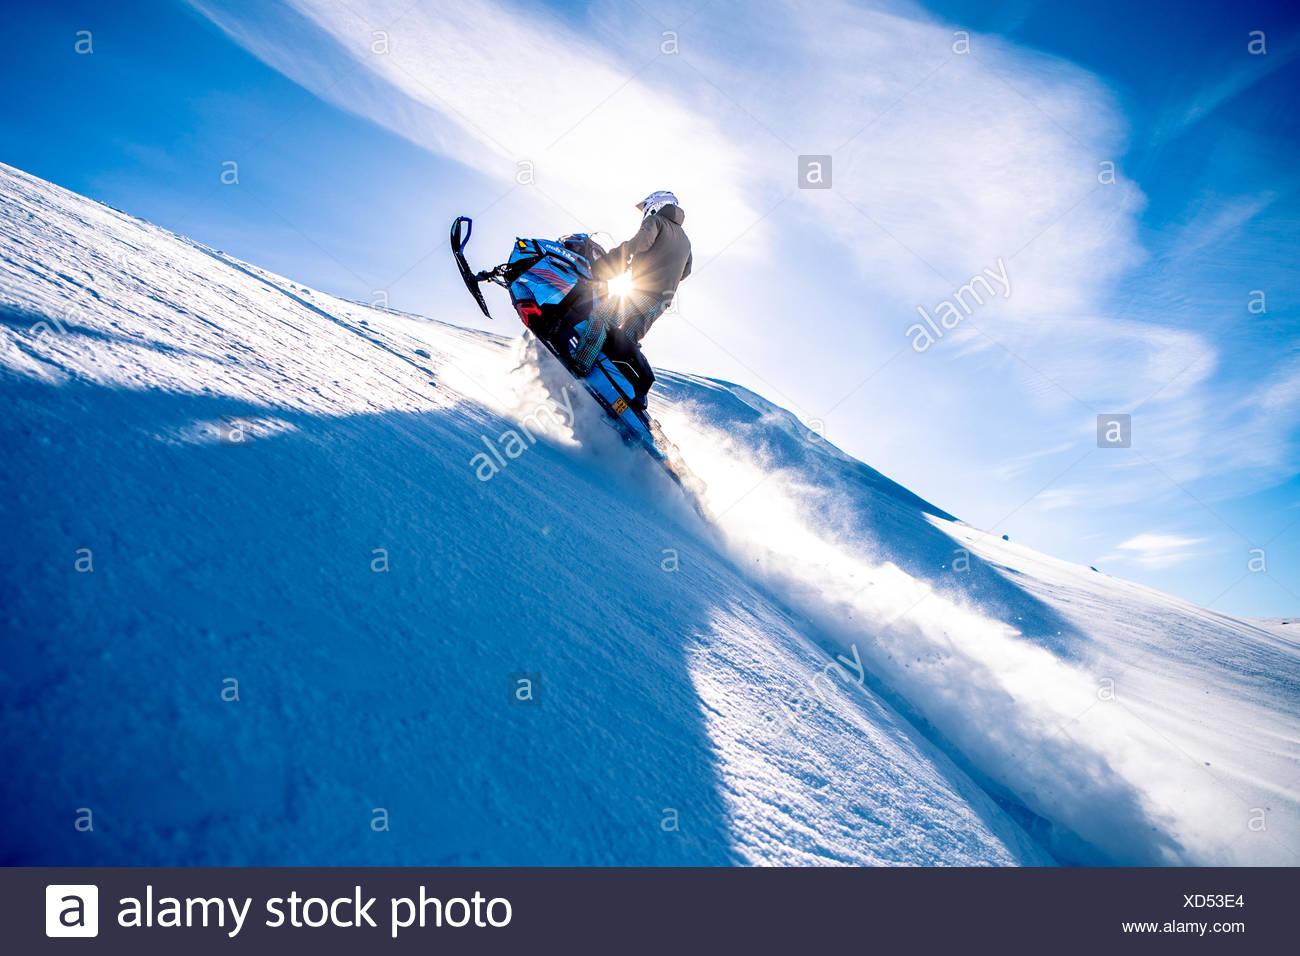 Ski Doo snowmobile, backlit, Arvidsjaur, Sweden - Stock Image